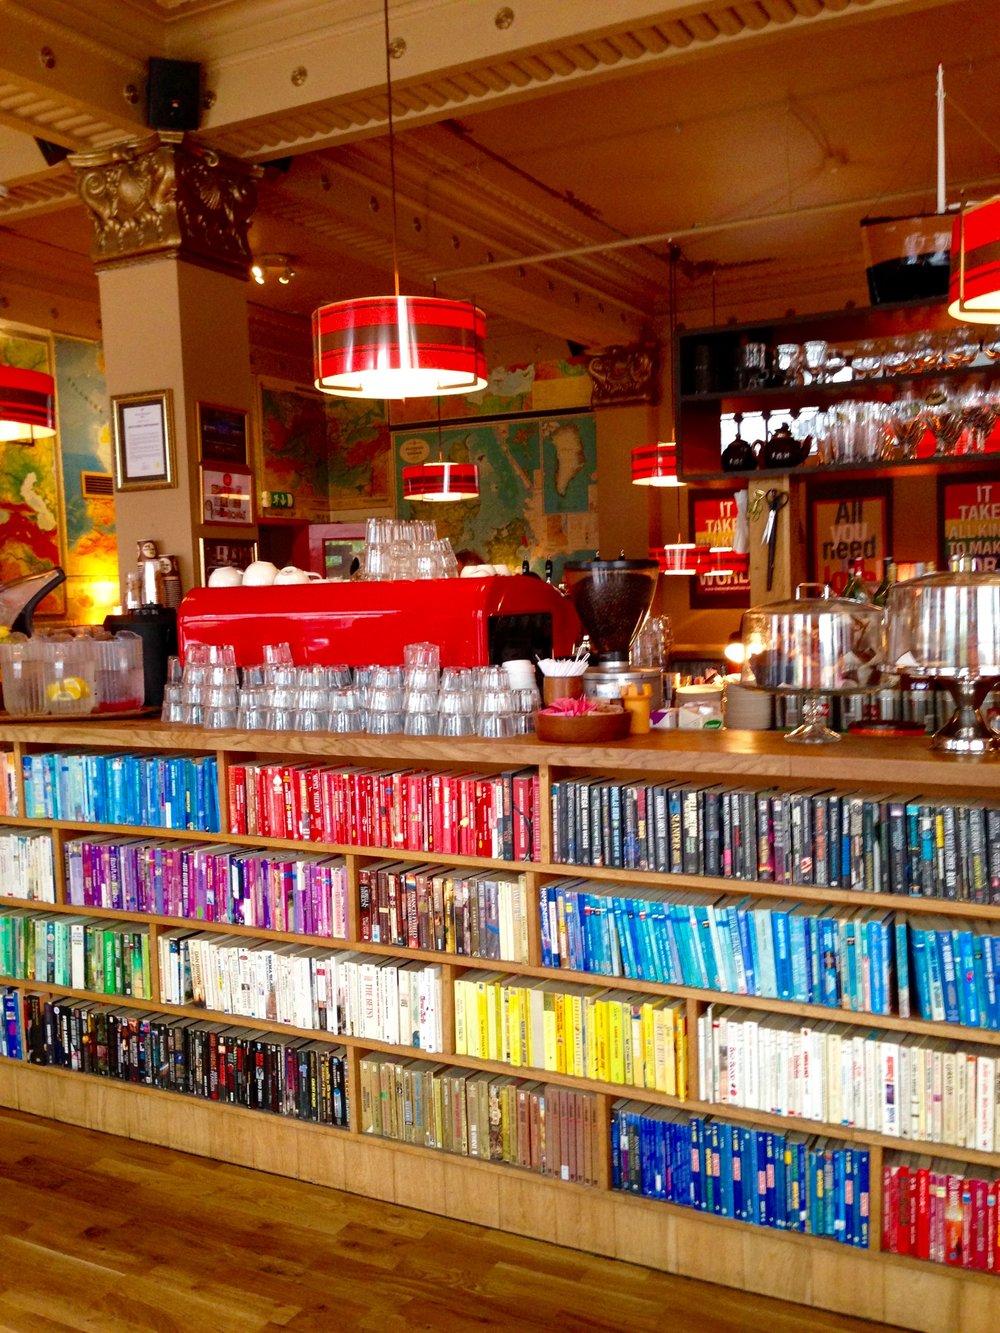 iceland-reykjavik-laundromat-cafe-restaurant.jpg